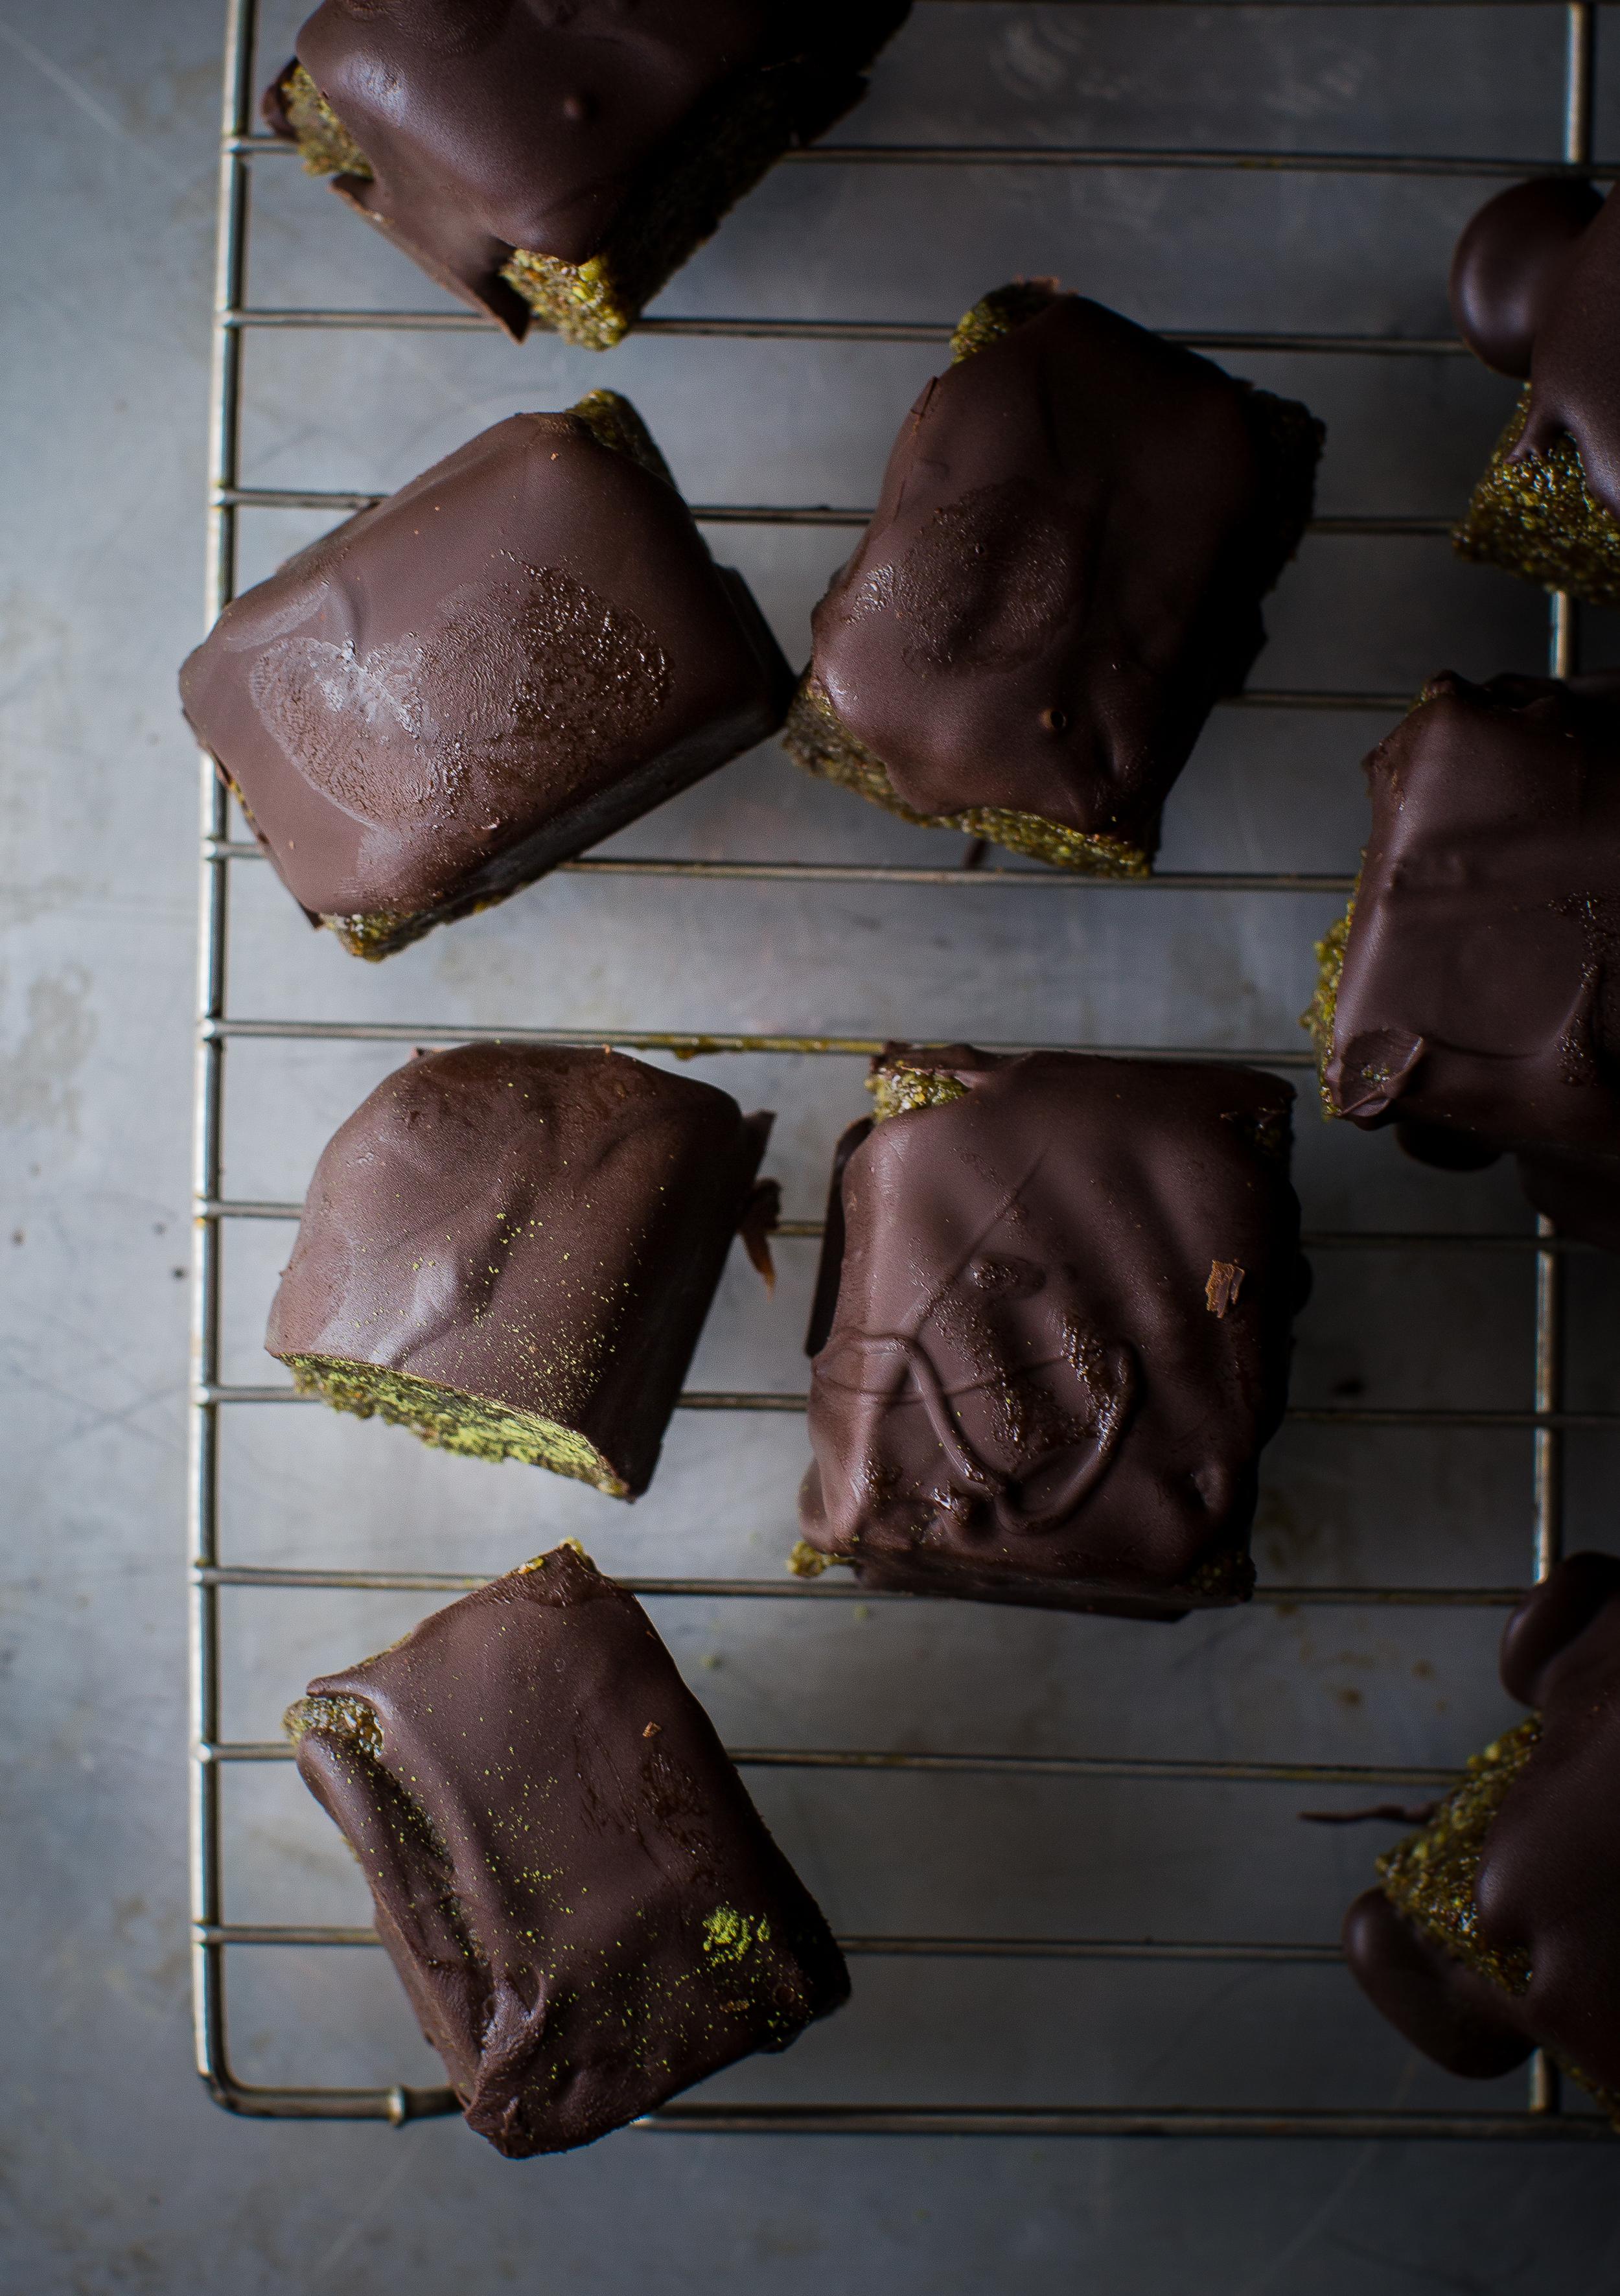 7-Matcha-and-chocolate- Marzipan | 8thandlake.com